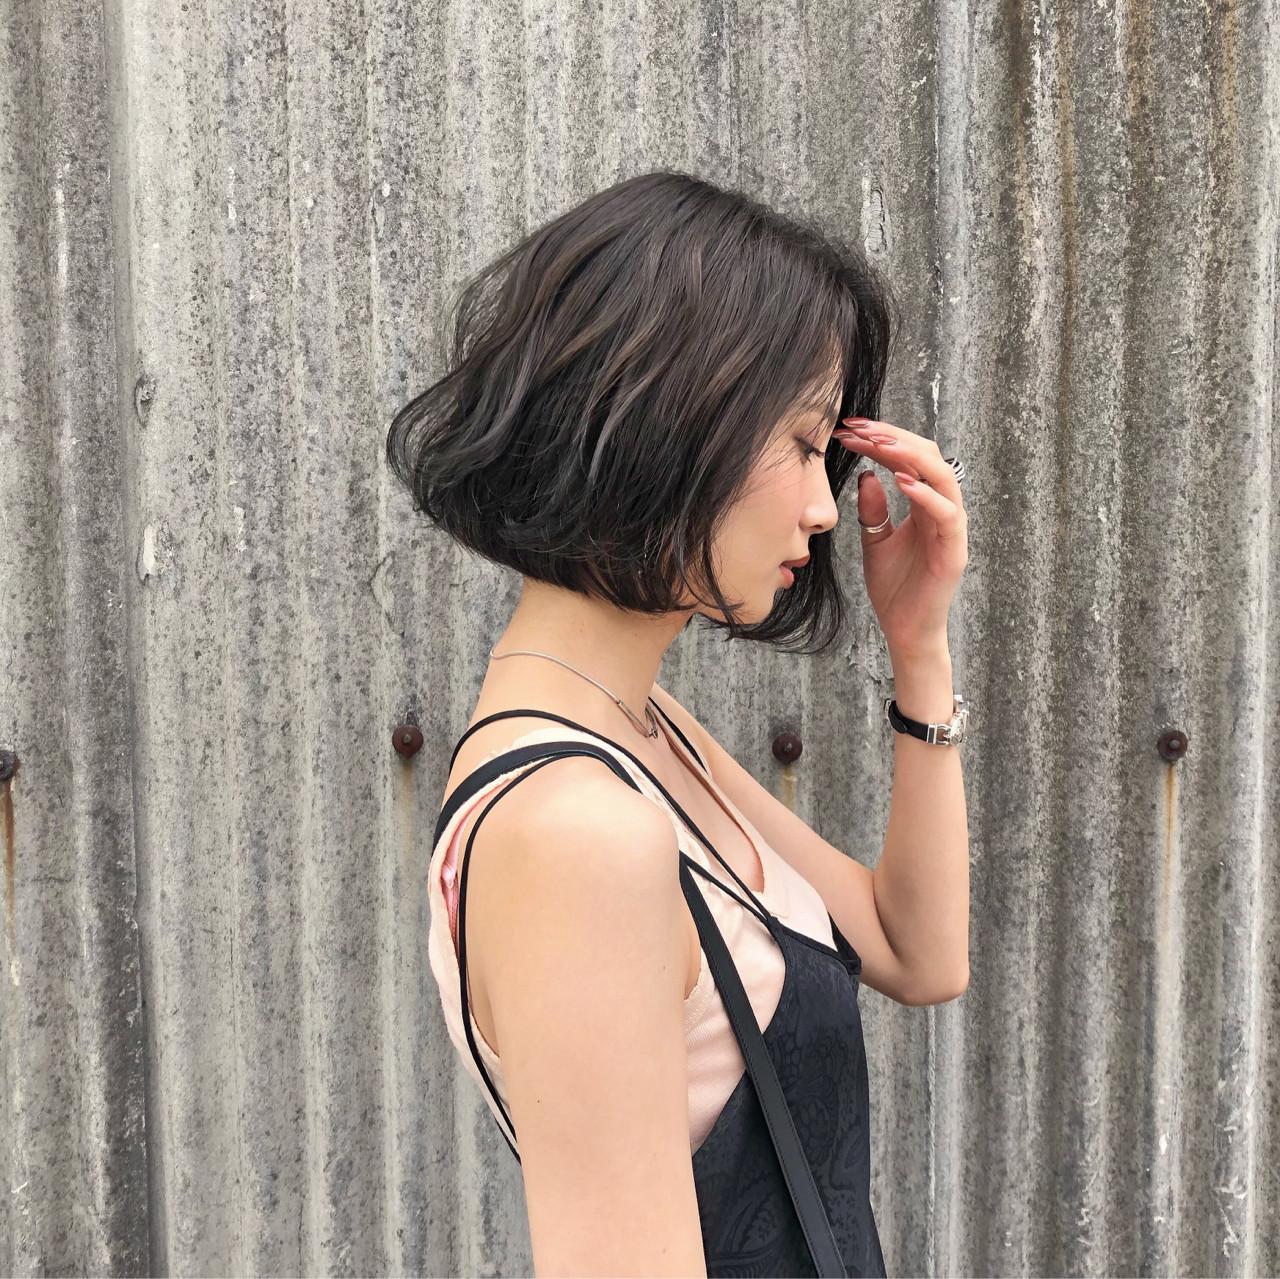 アッシュグレージュ スモーキーカラー モード 色気 ヘアスタイルや髪型の写真・画像